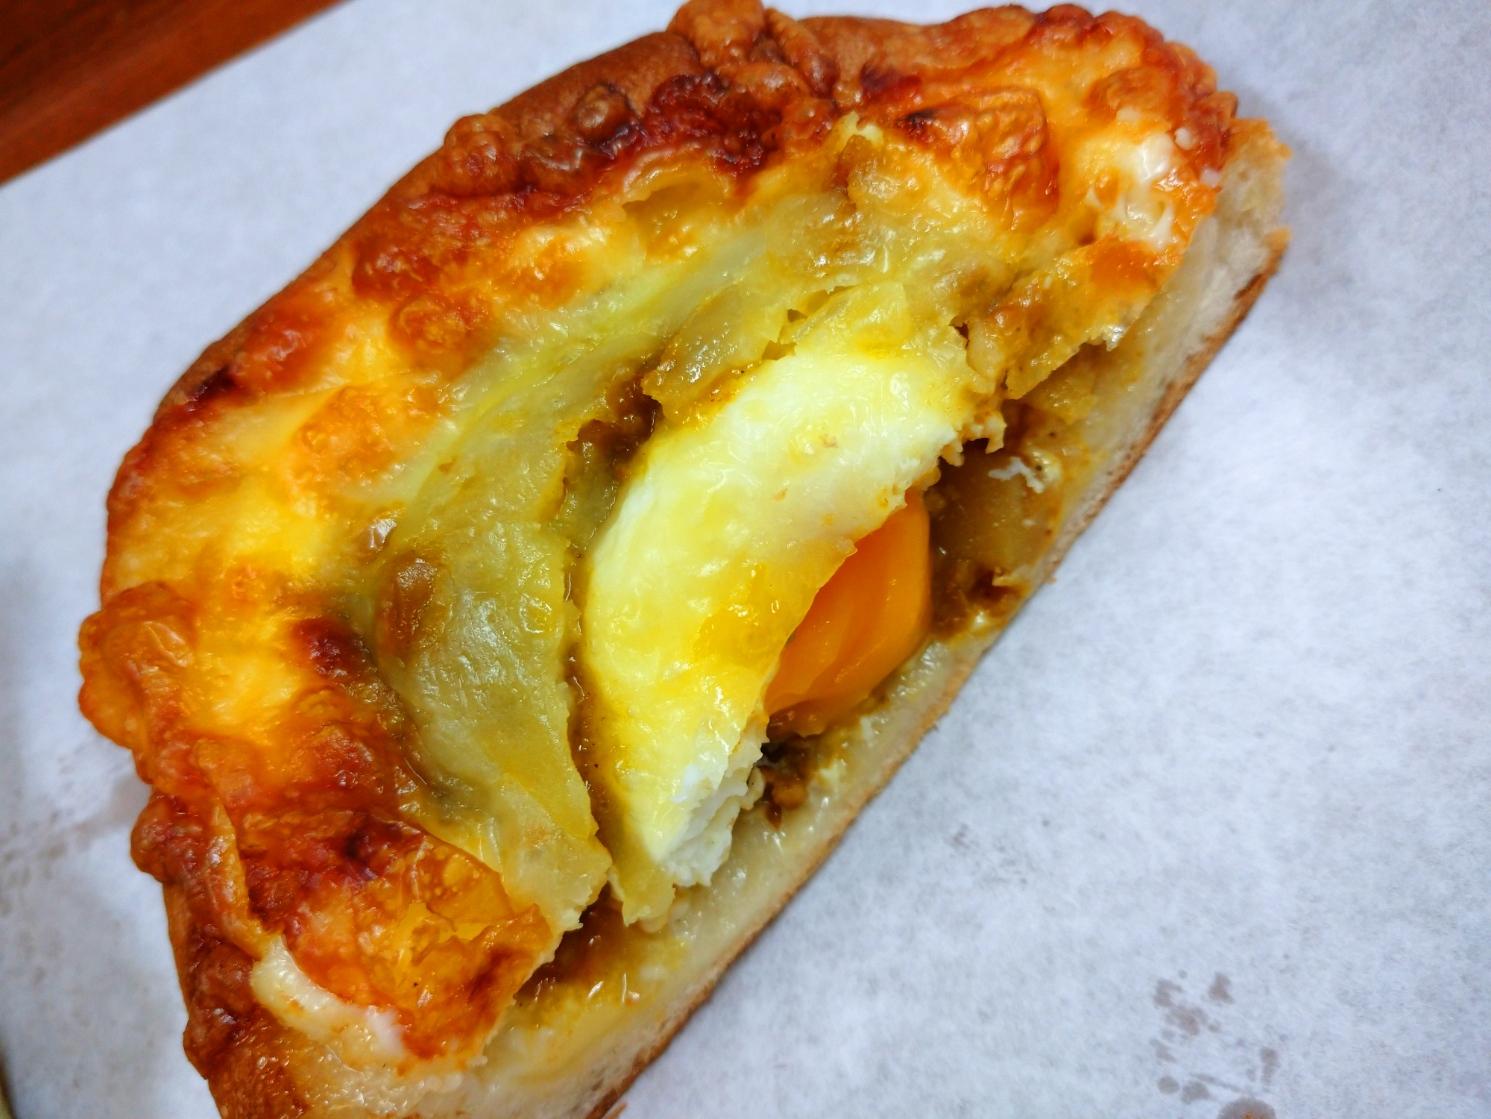 38.藤の木_半熟玉子がのった焼きチーズカレーパン